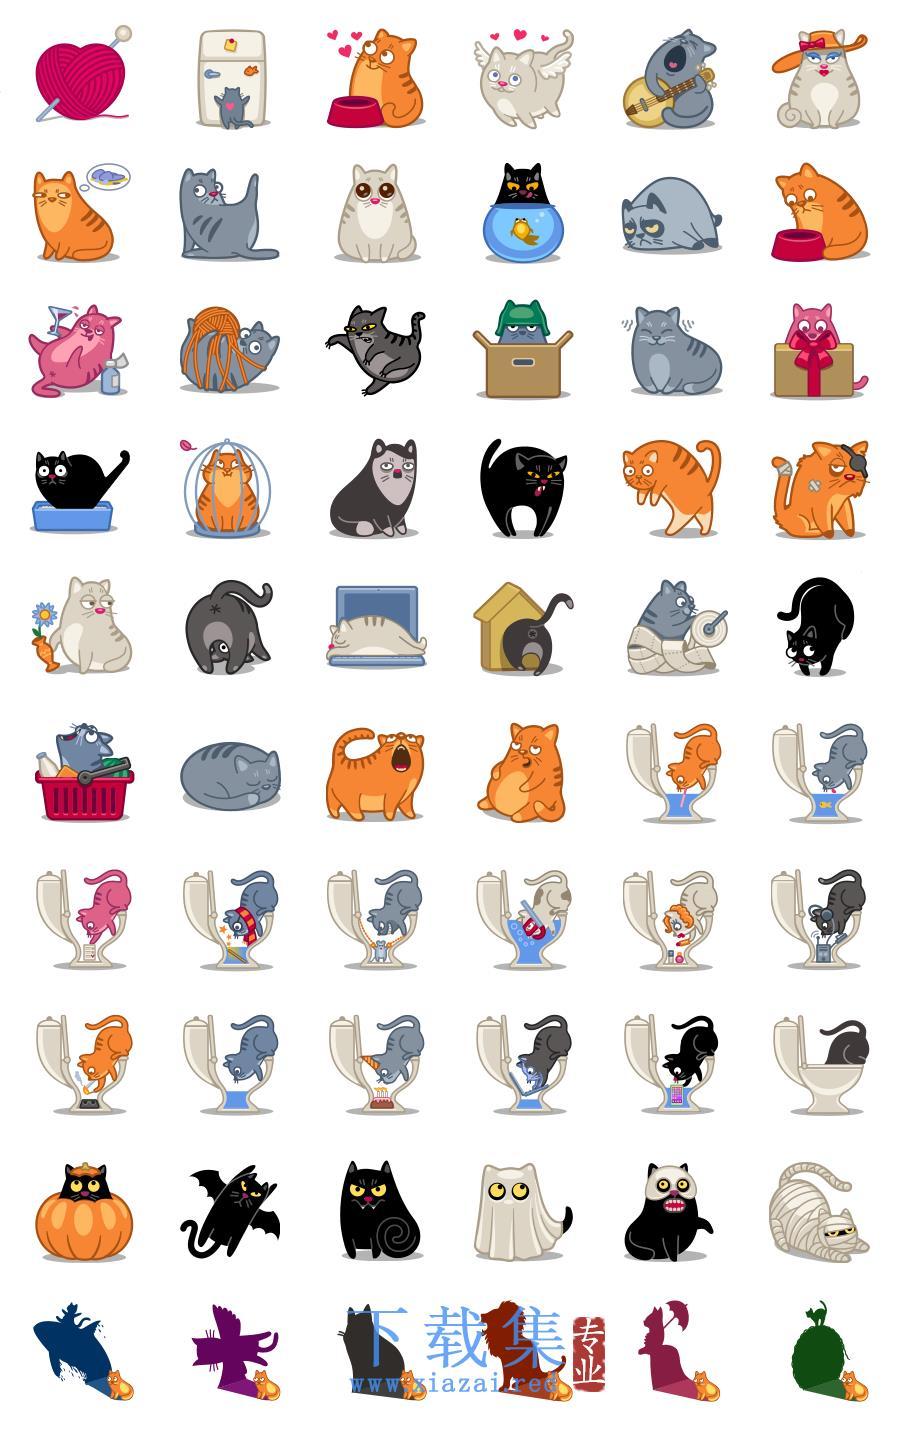 60个电力猫,各种颜色猫咪PNG免抠透明图